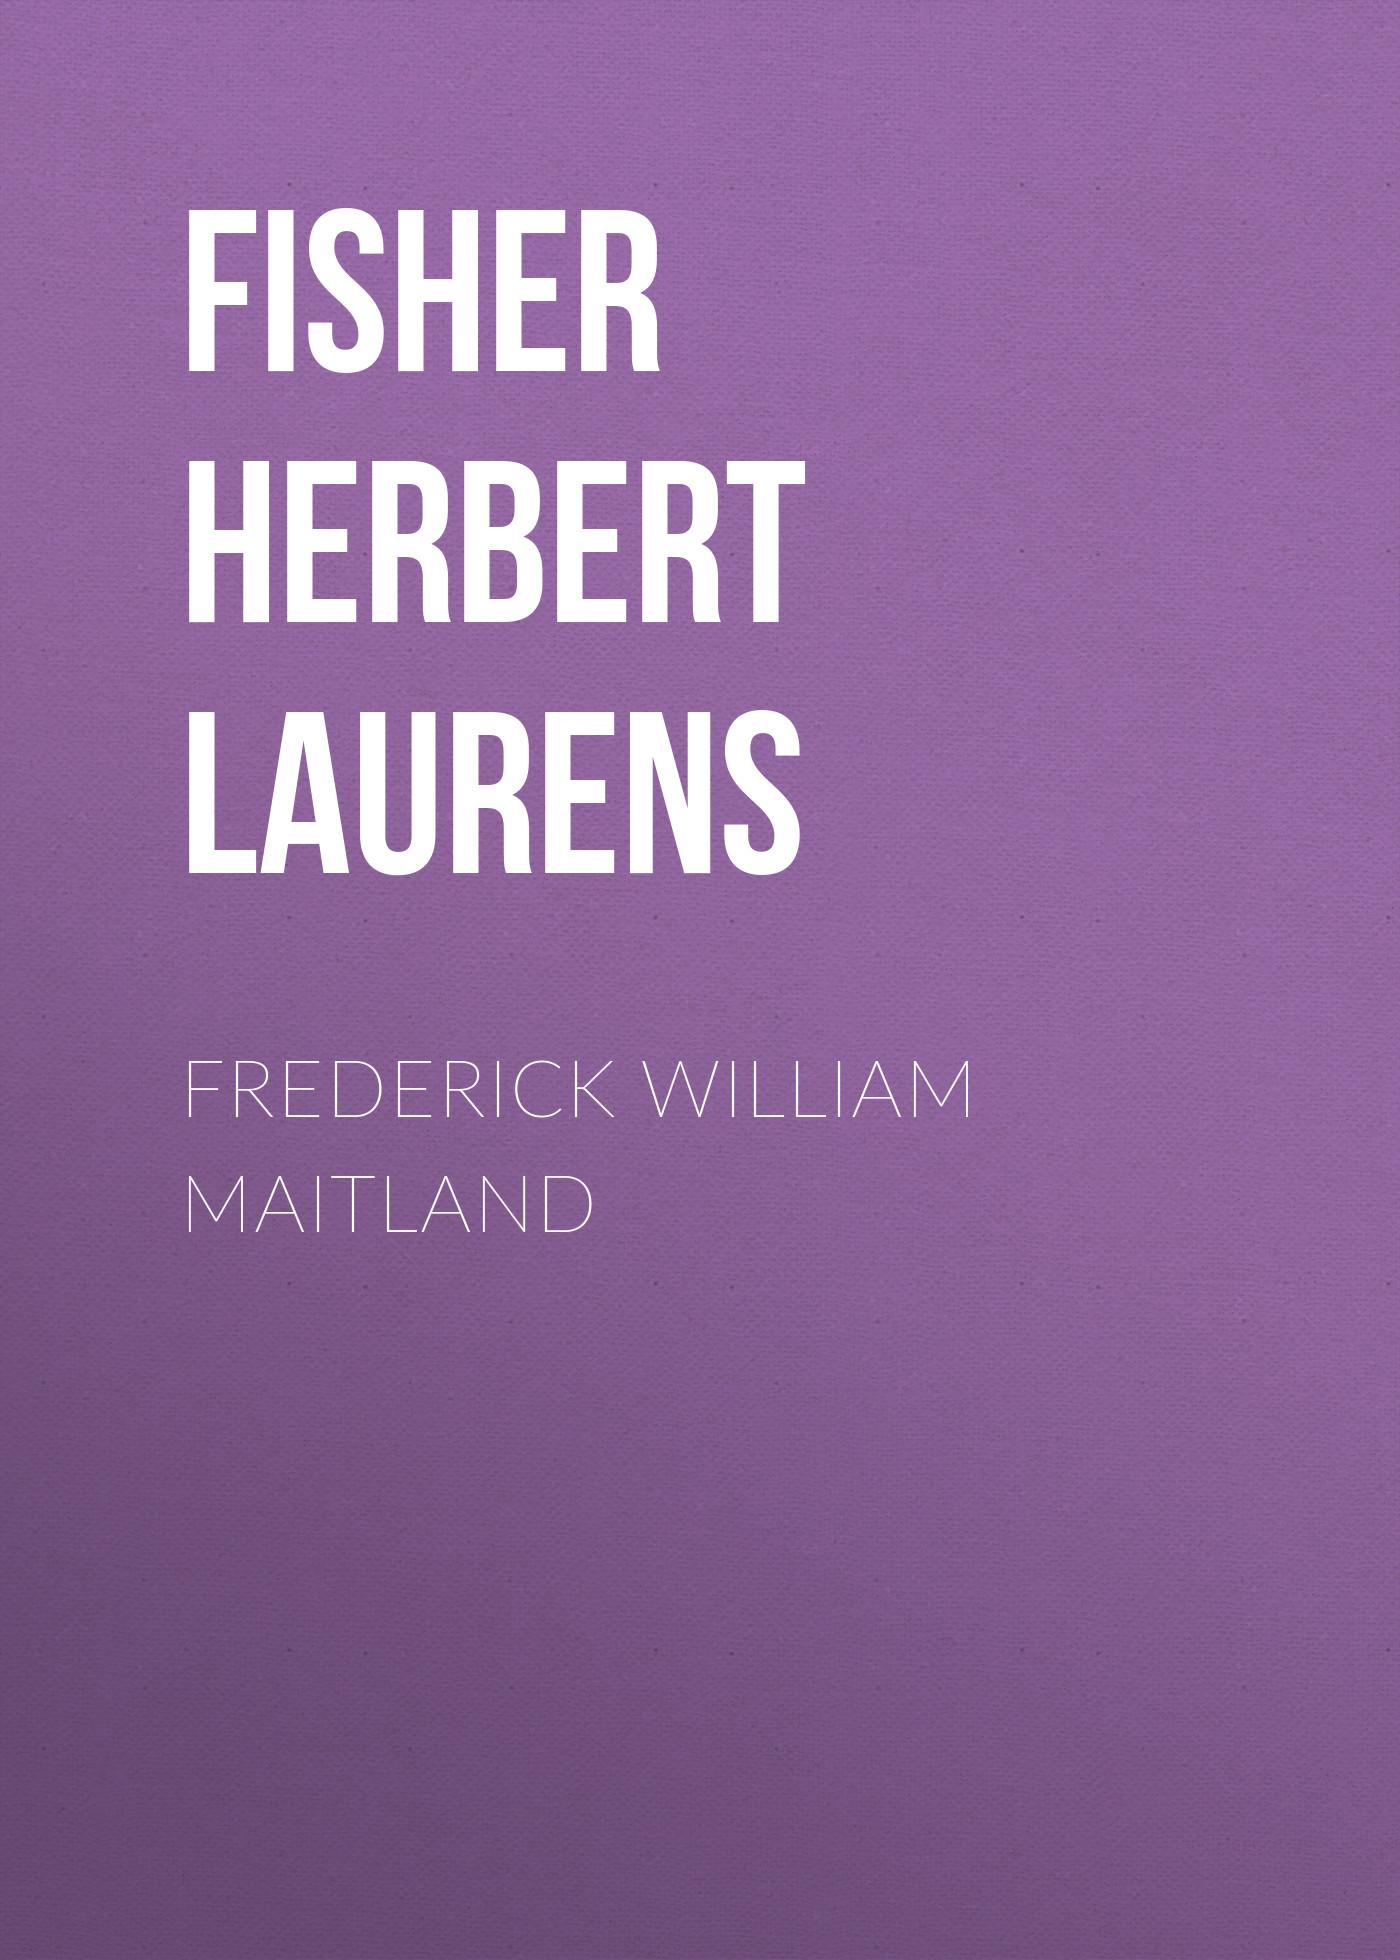 Fisher Herbert Albert Laurens Frederick William Maitland joanna maitland rake s reward